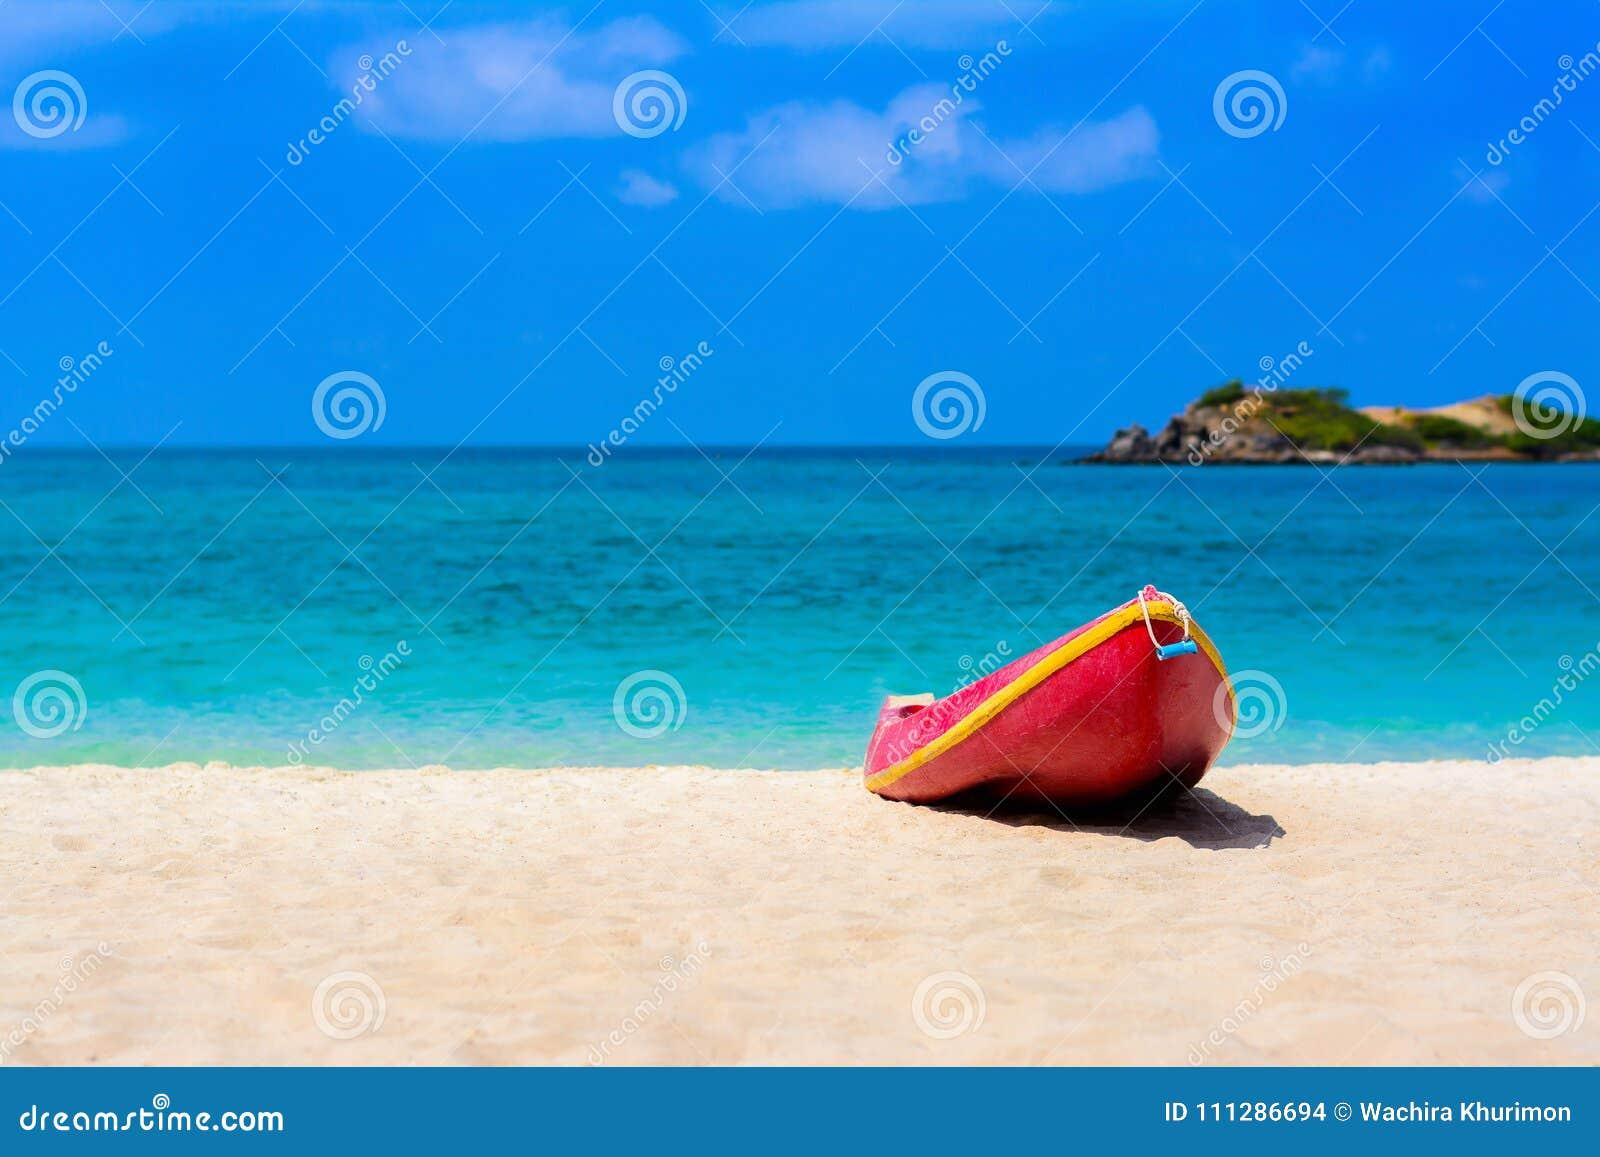 Rode boot op het strand met blauwe overzees en blauwe hemel